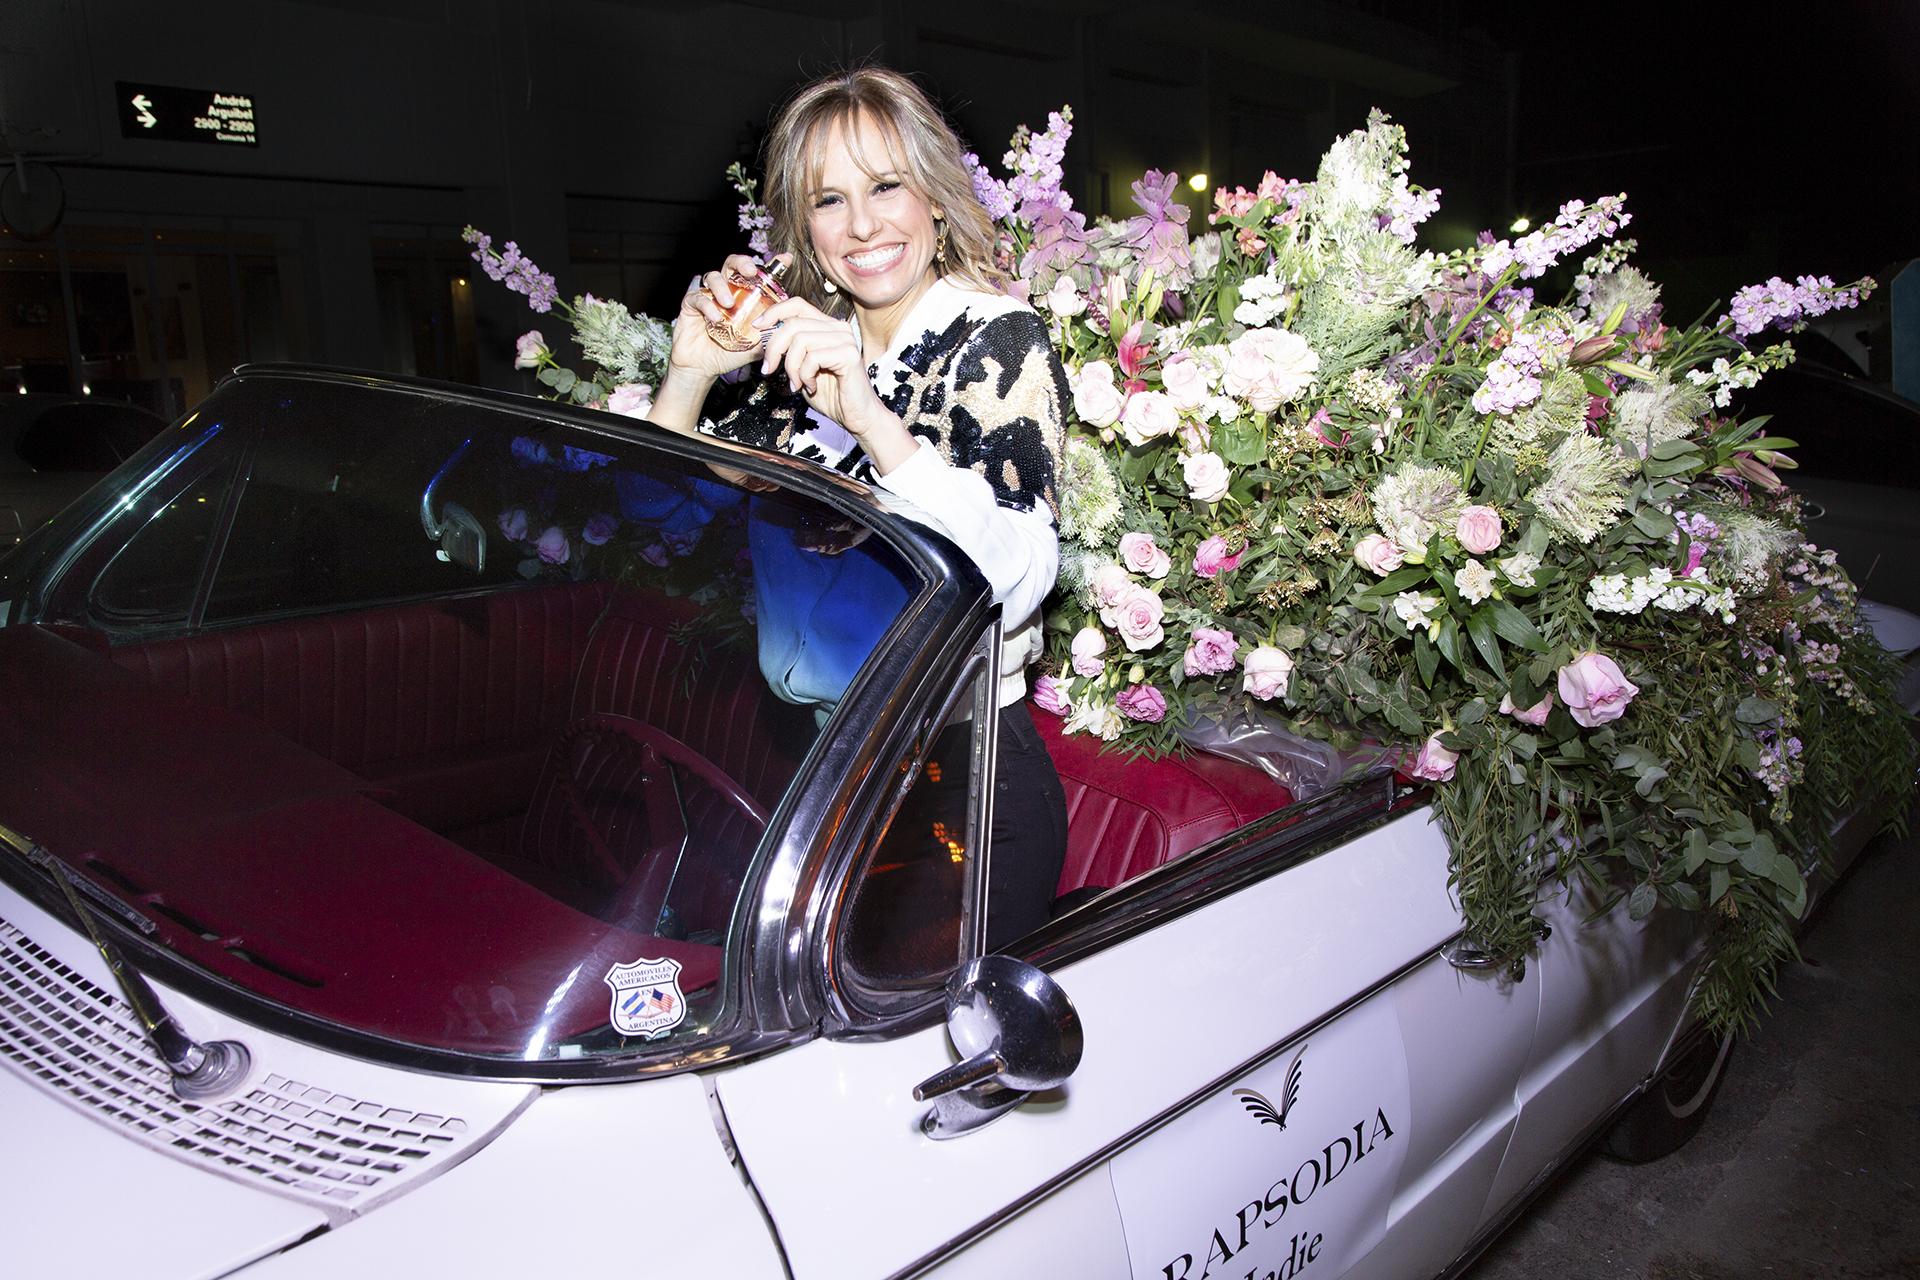 La conductora Mariana Fabbiani feliz con su nuevo perfume de aromas floral amaderado irresistiblemente femenino